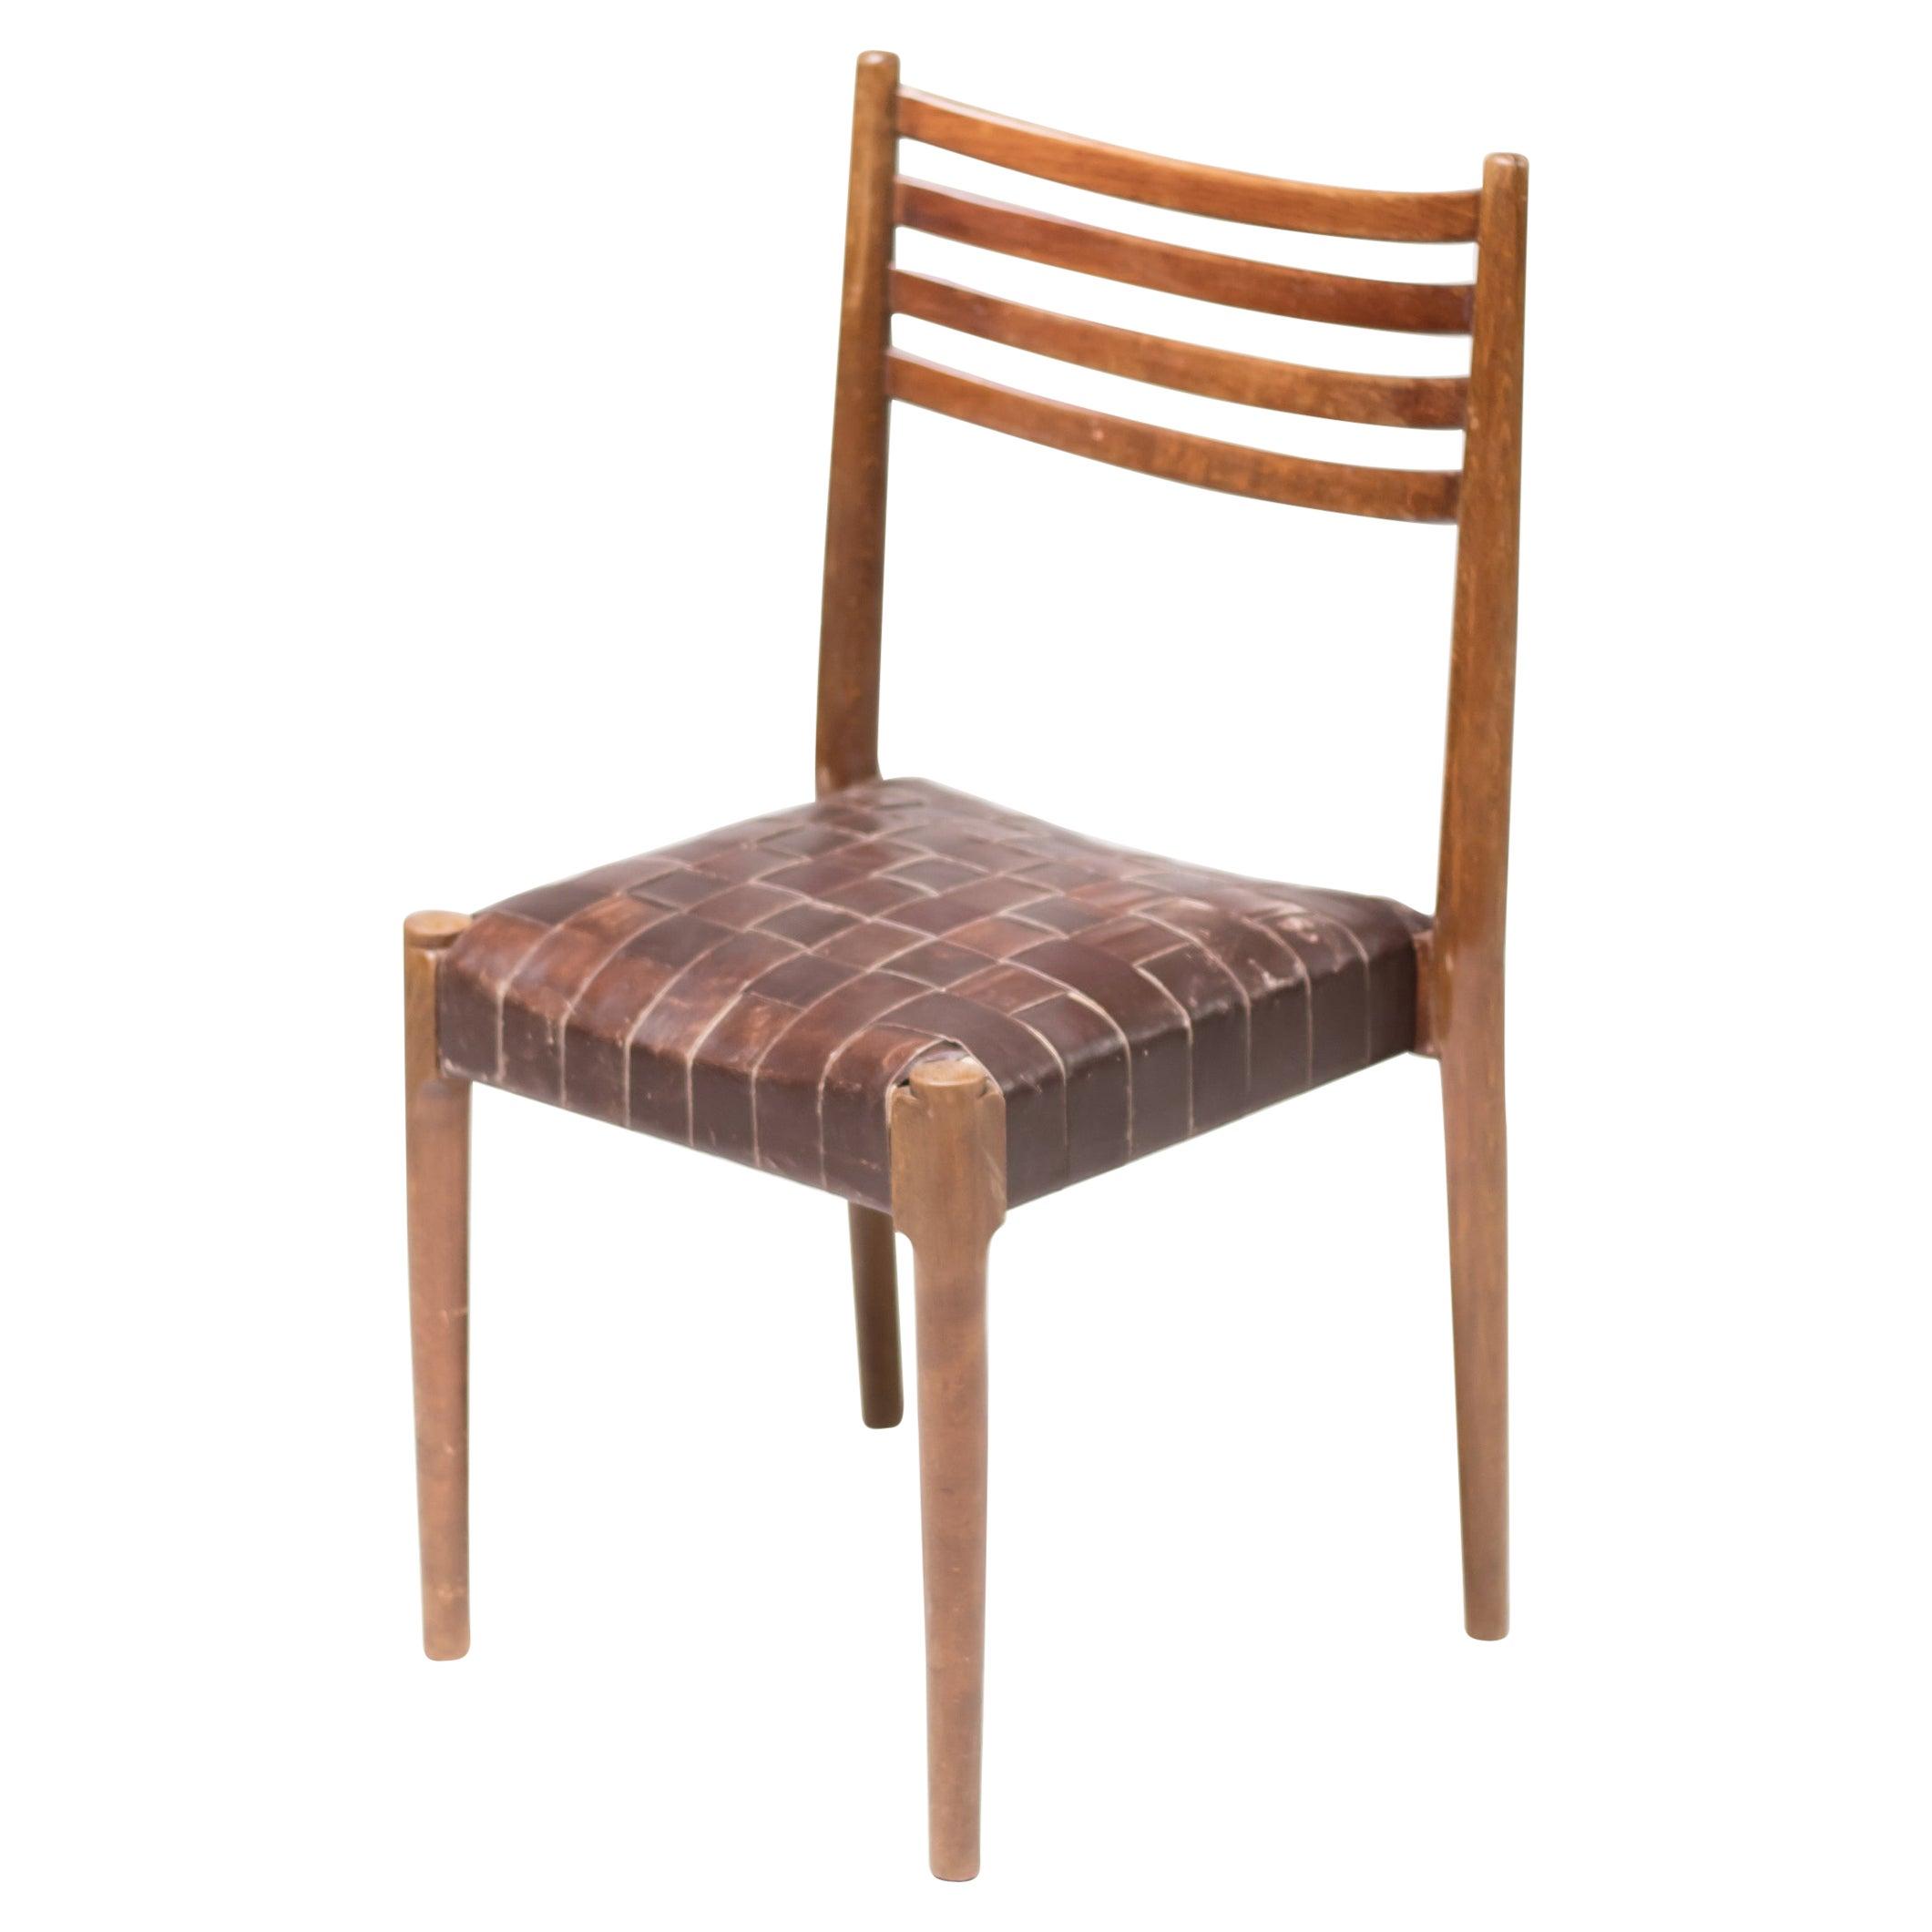 Palle Suenson Dining Chair